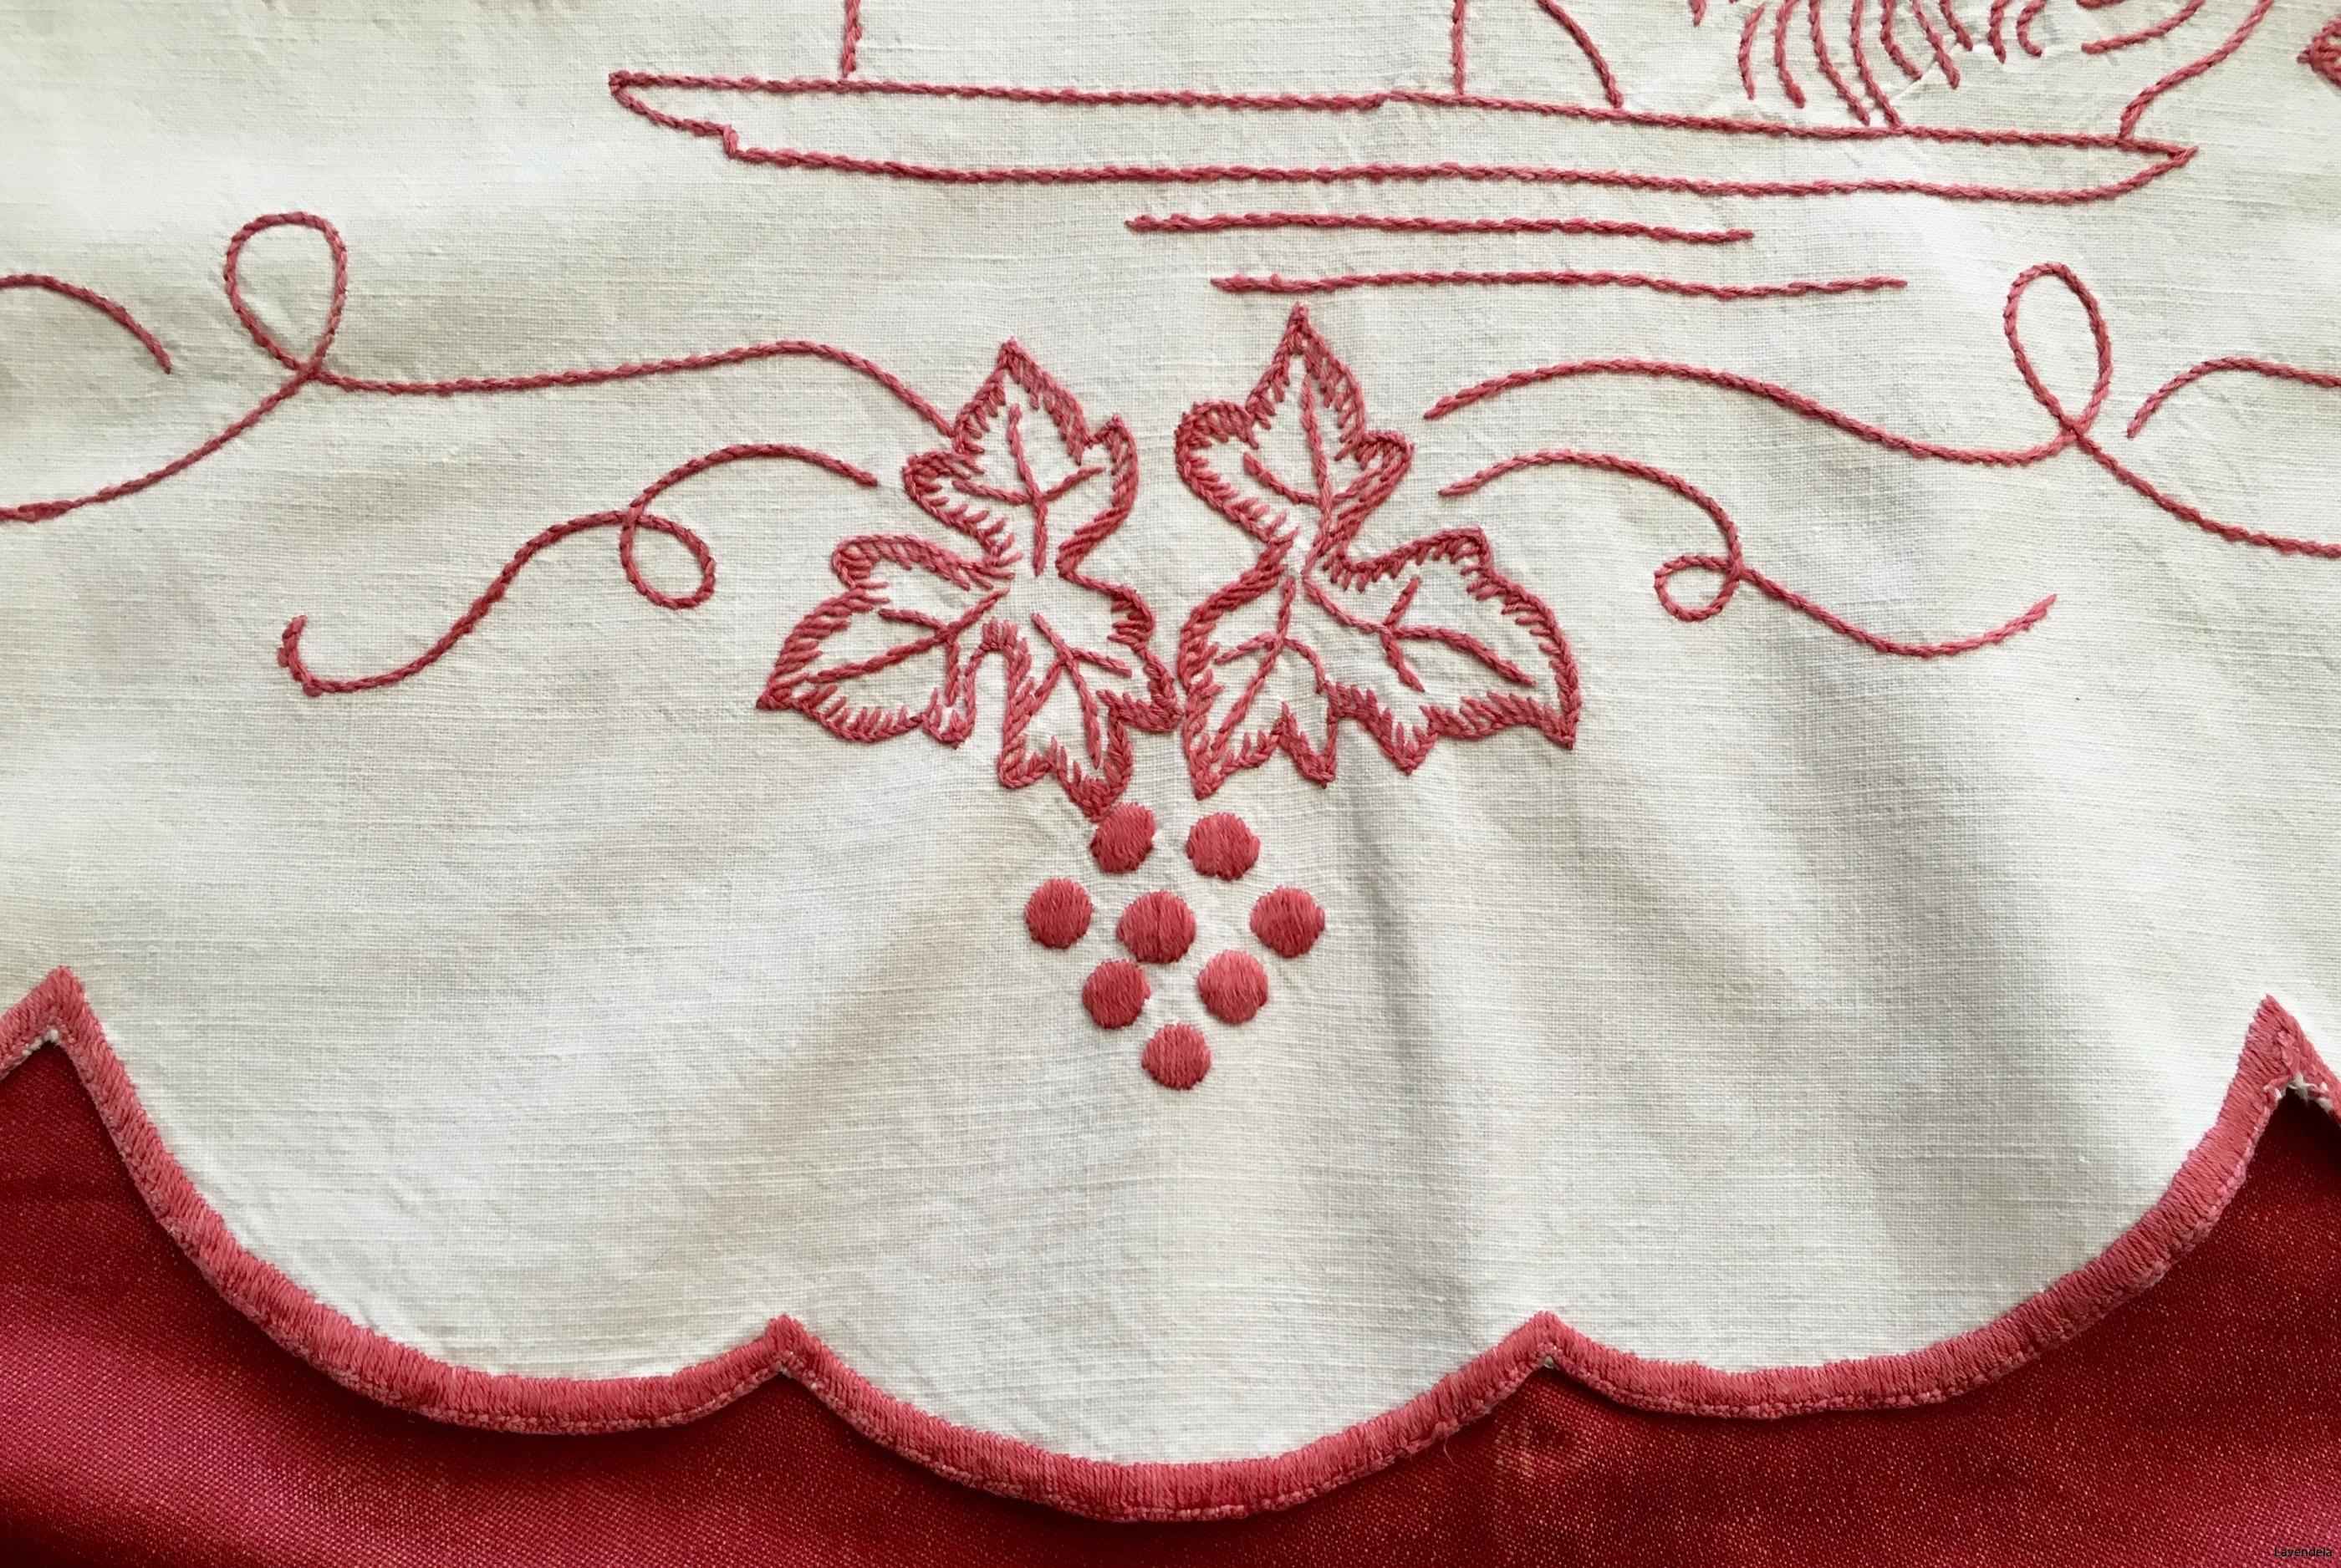 Närbild på nedre delen av p-handduken.